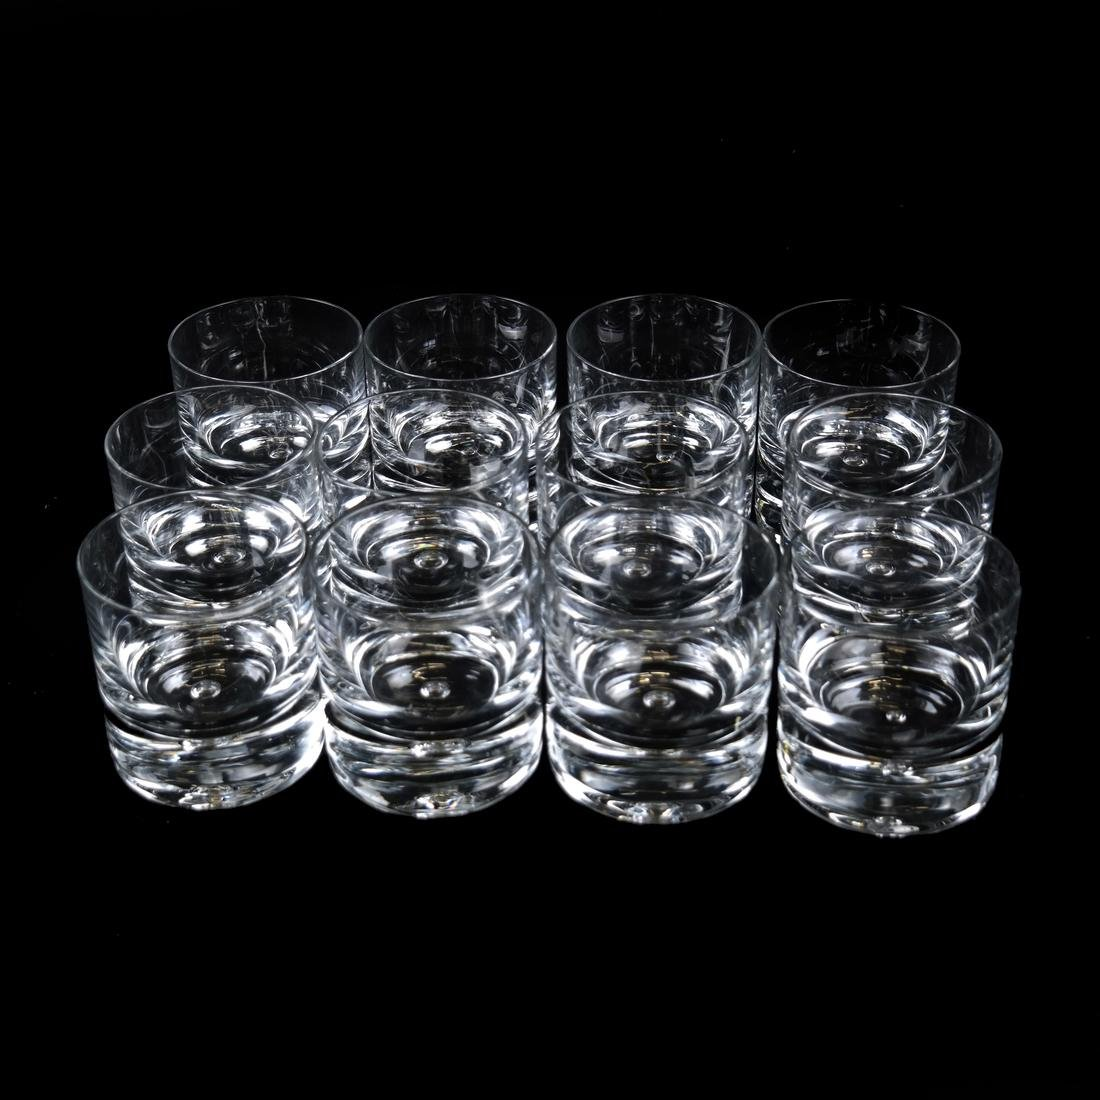 Twelve Steuben-manner Rocks Glasses